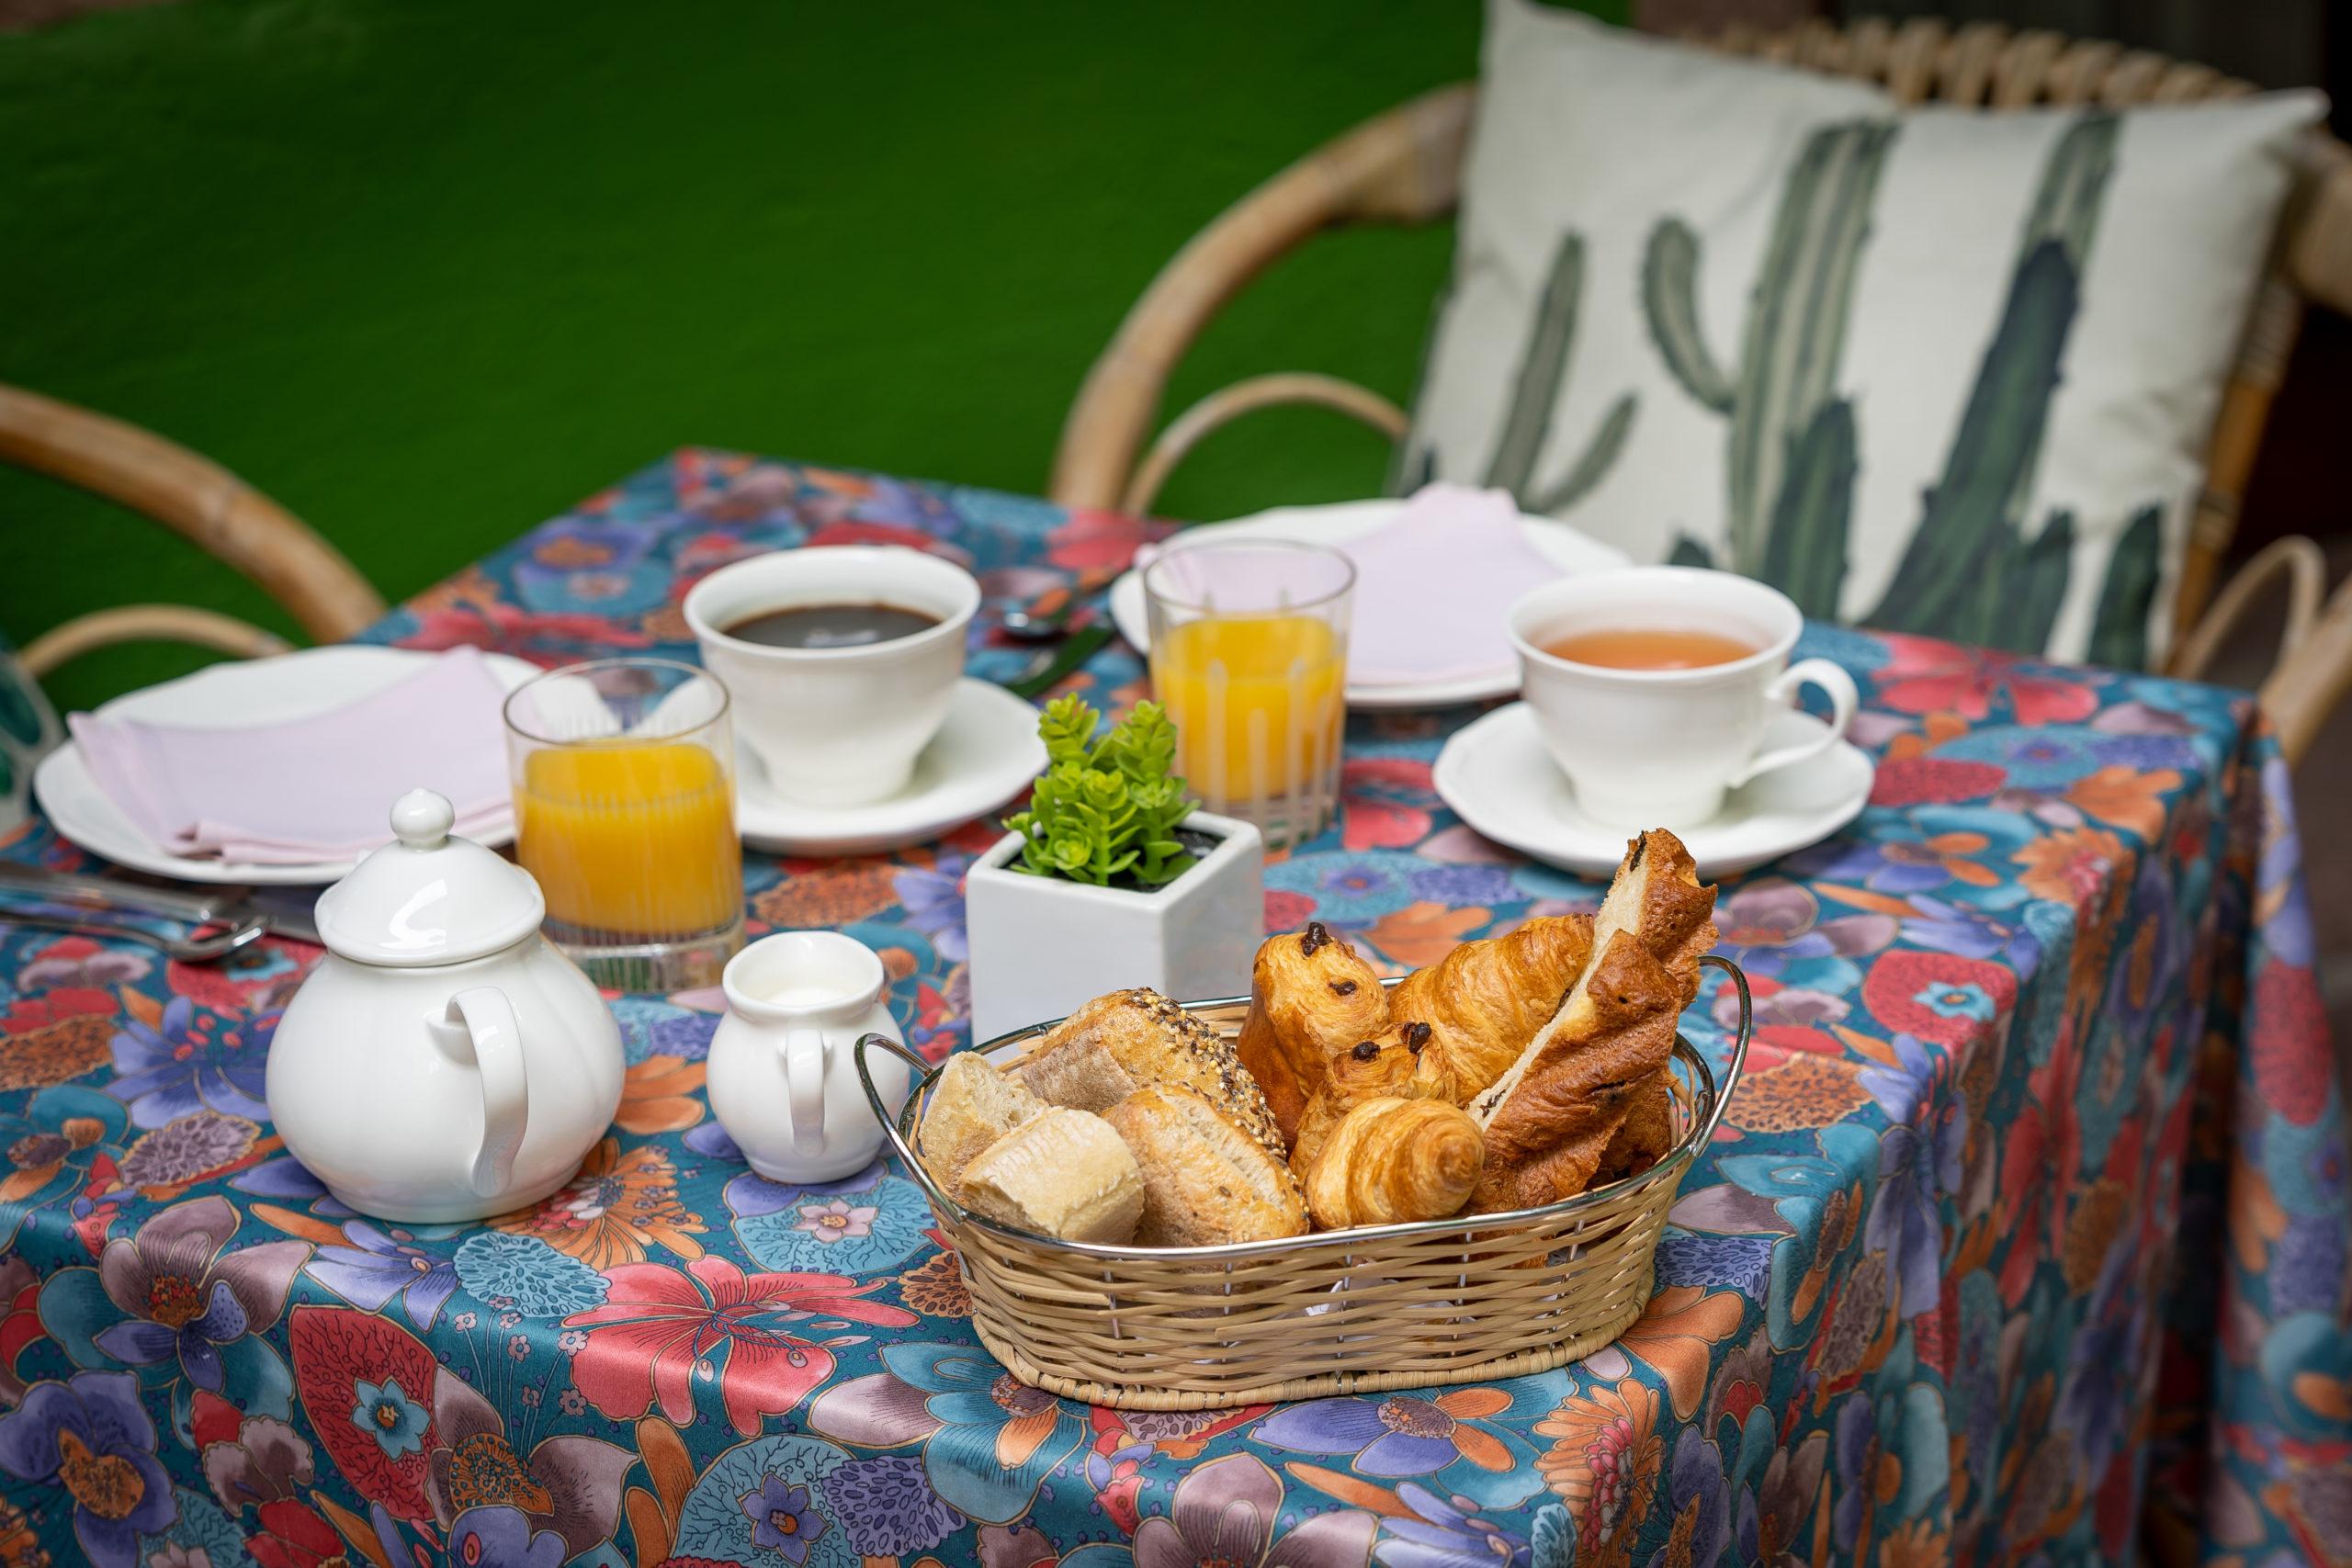 Breakfast on the terrace of the Hotel à l'Oriel